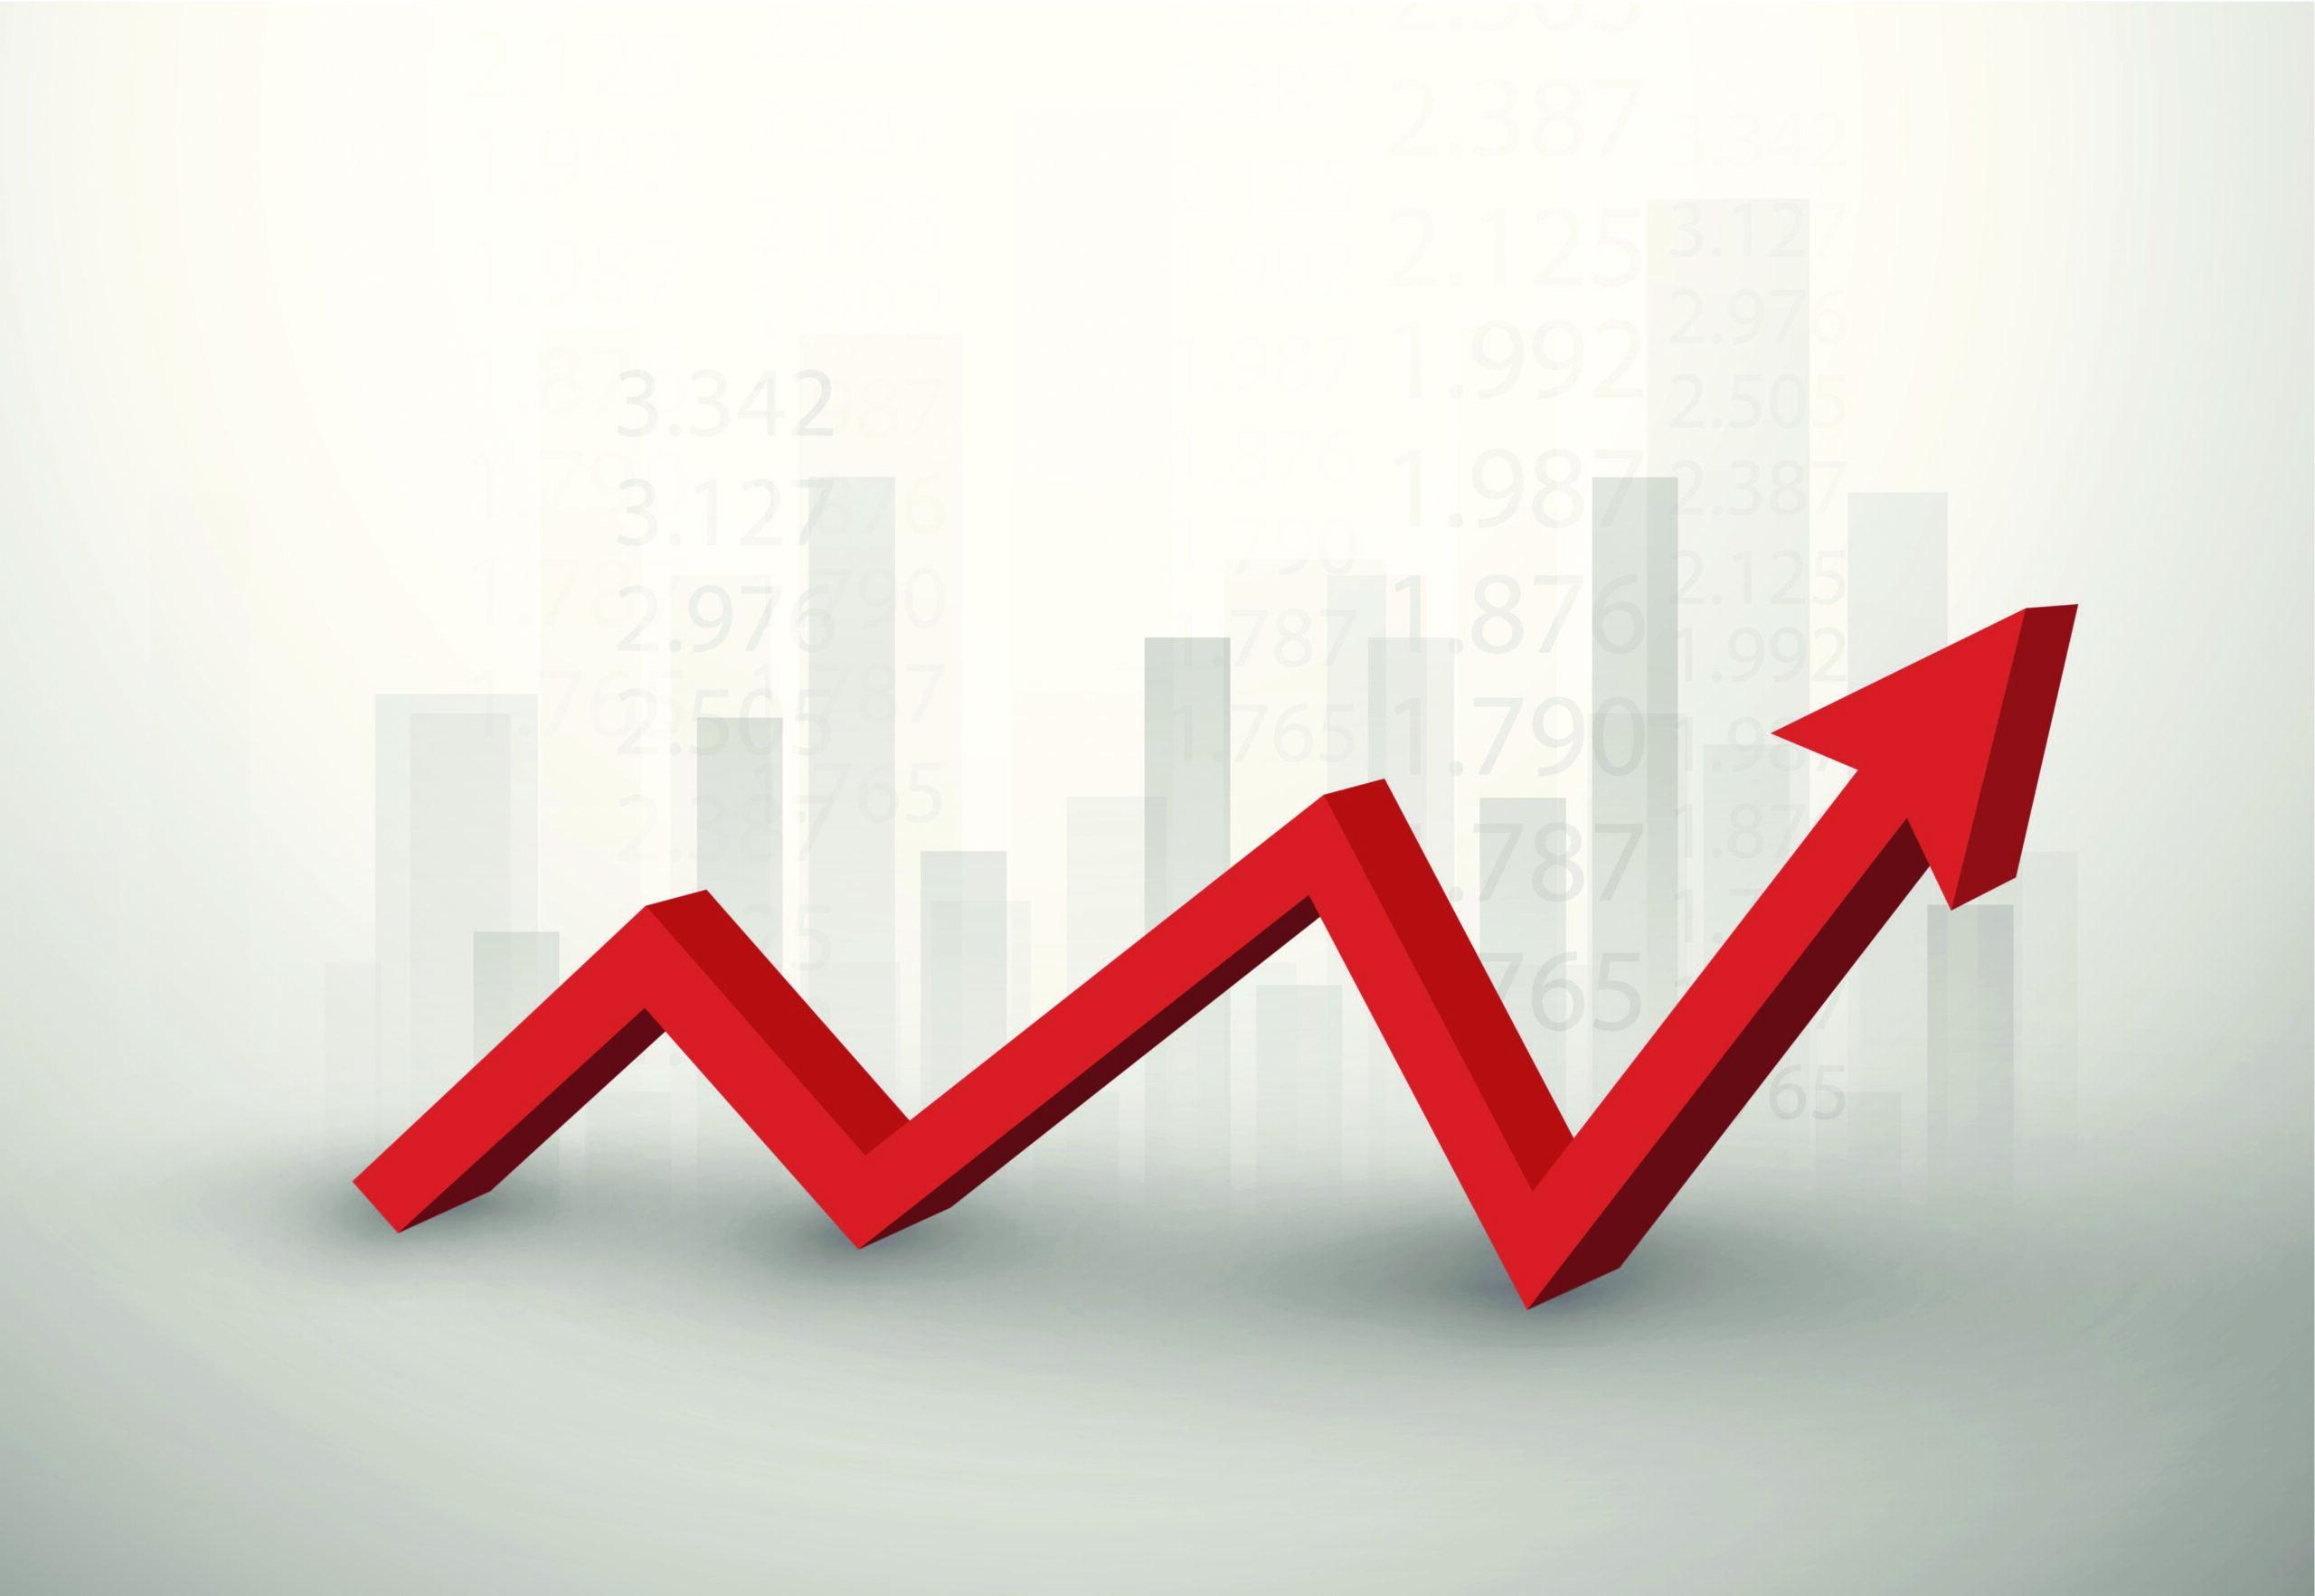 عملکرد صندوقهای سرمایهگذاری در مردادماه ۱۳۹۹